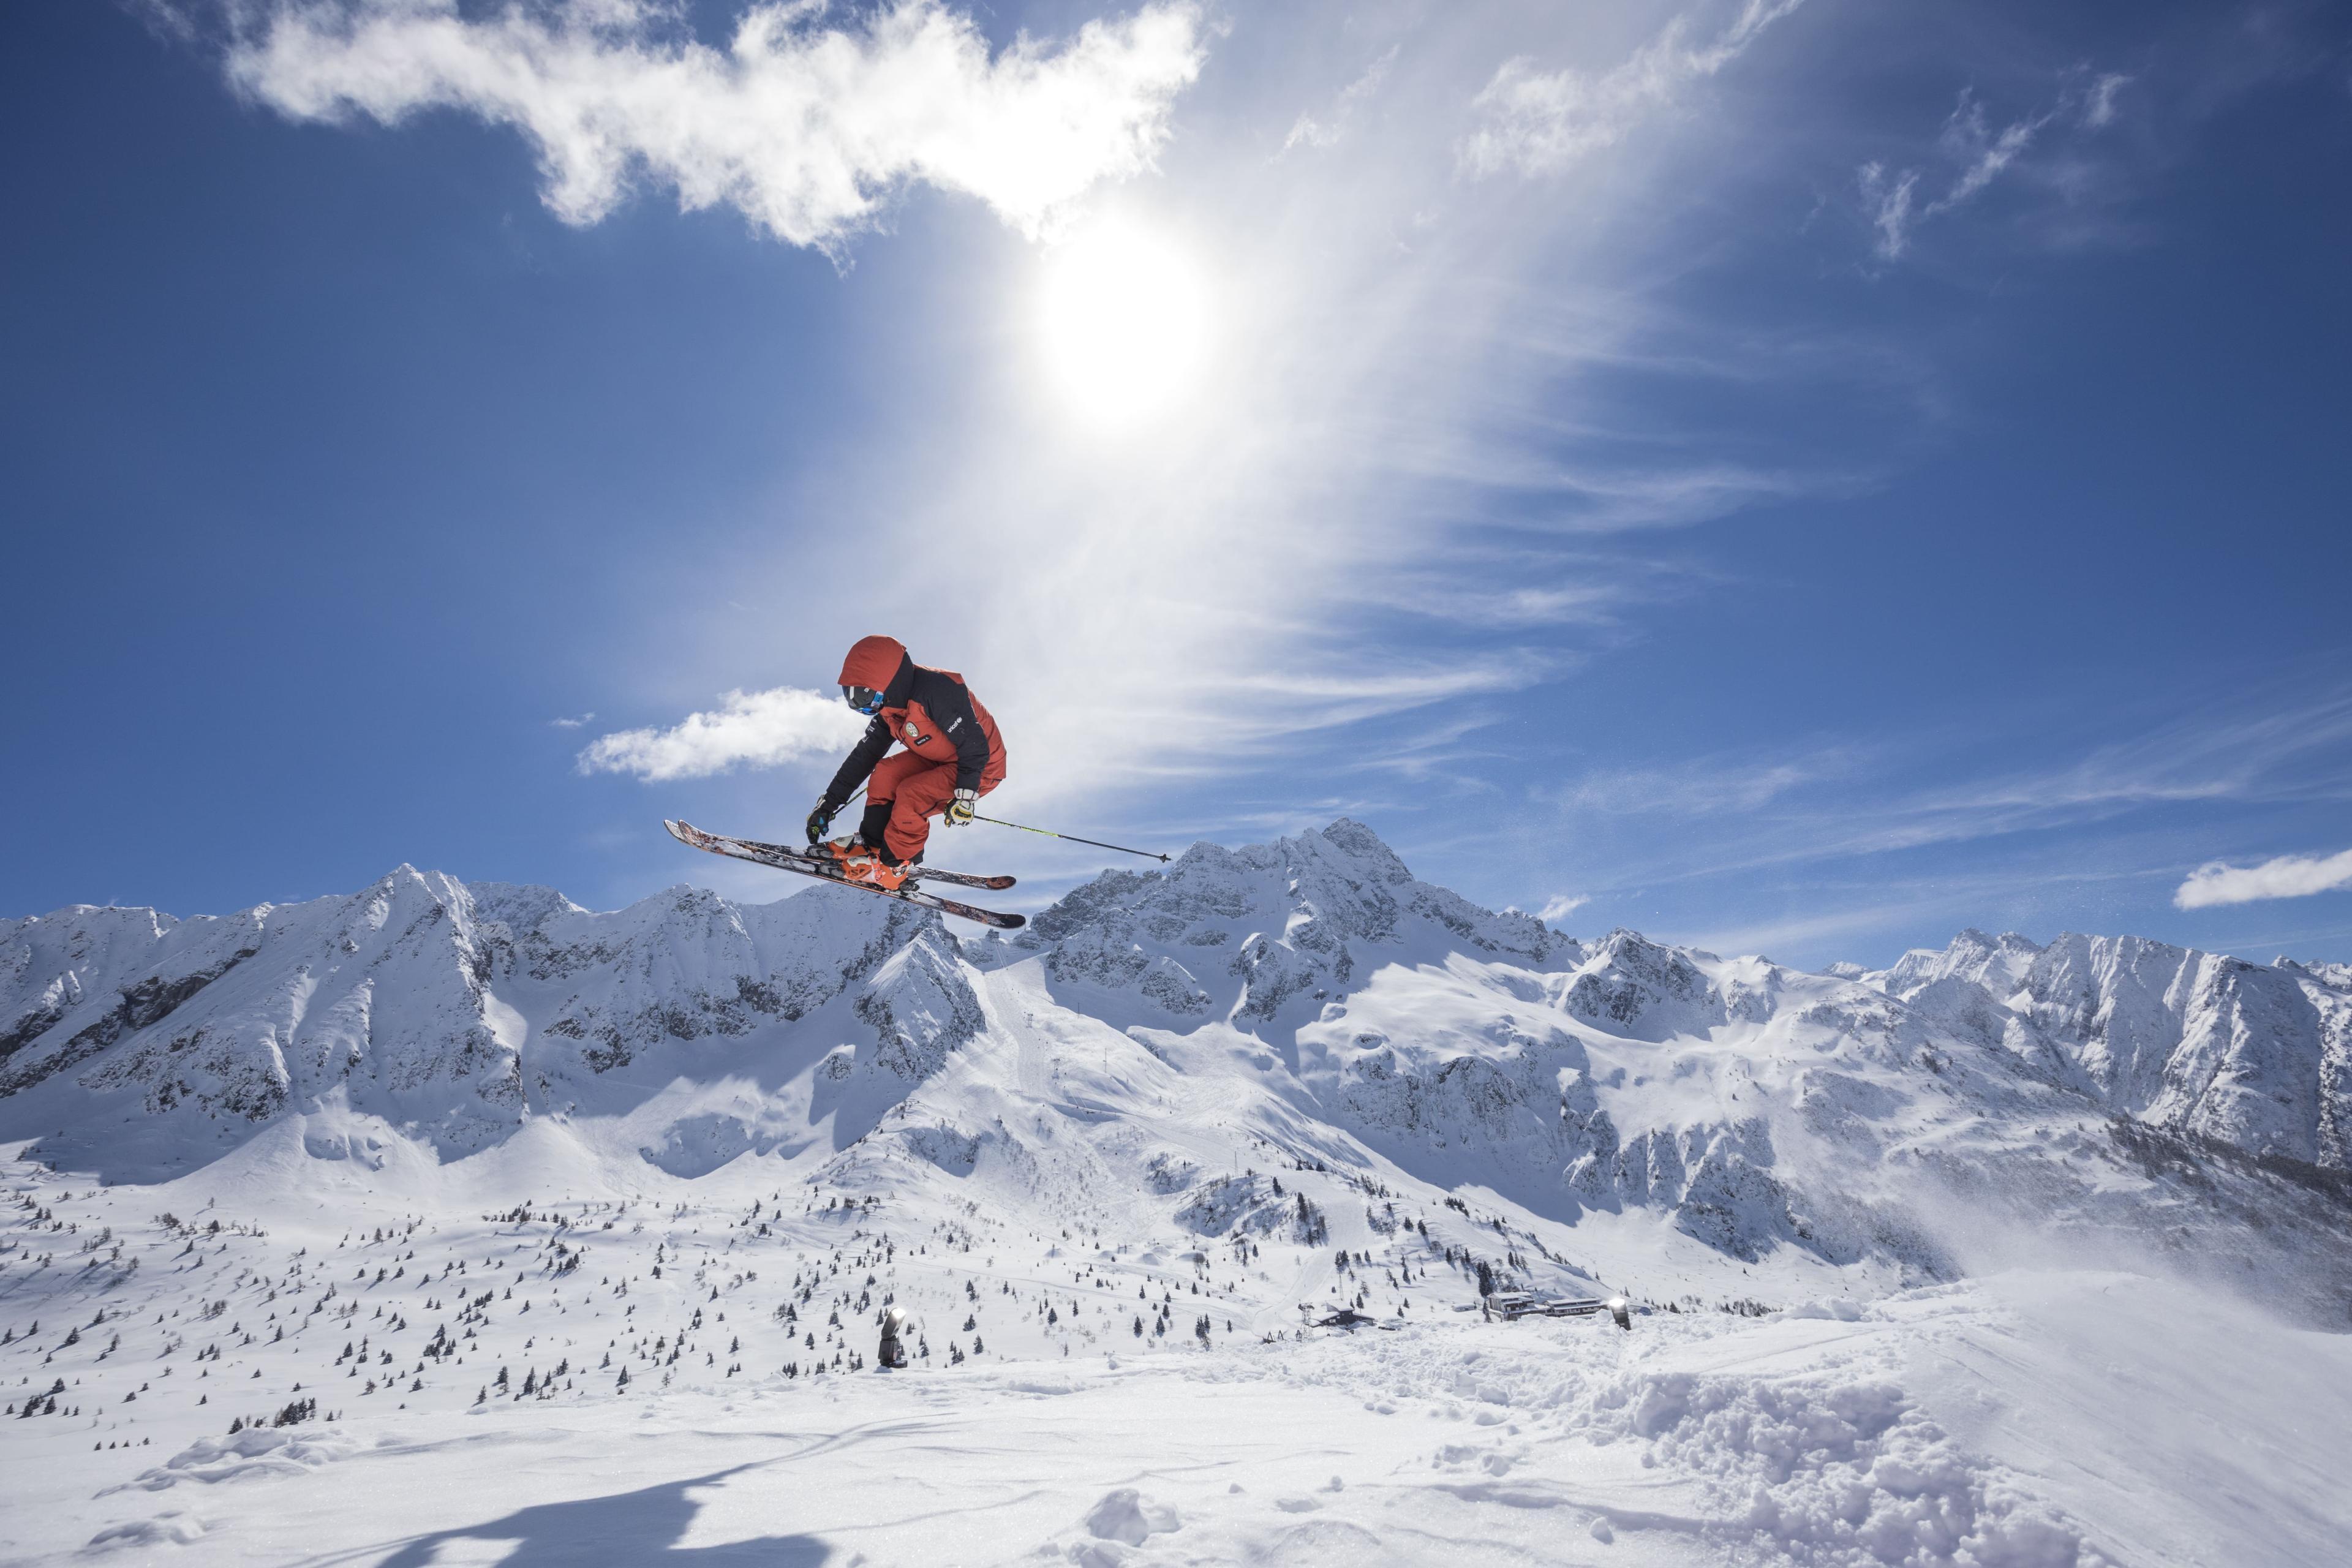 Cours particulier de ski pour Adultes - Avancé